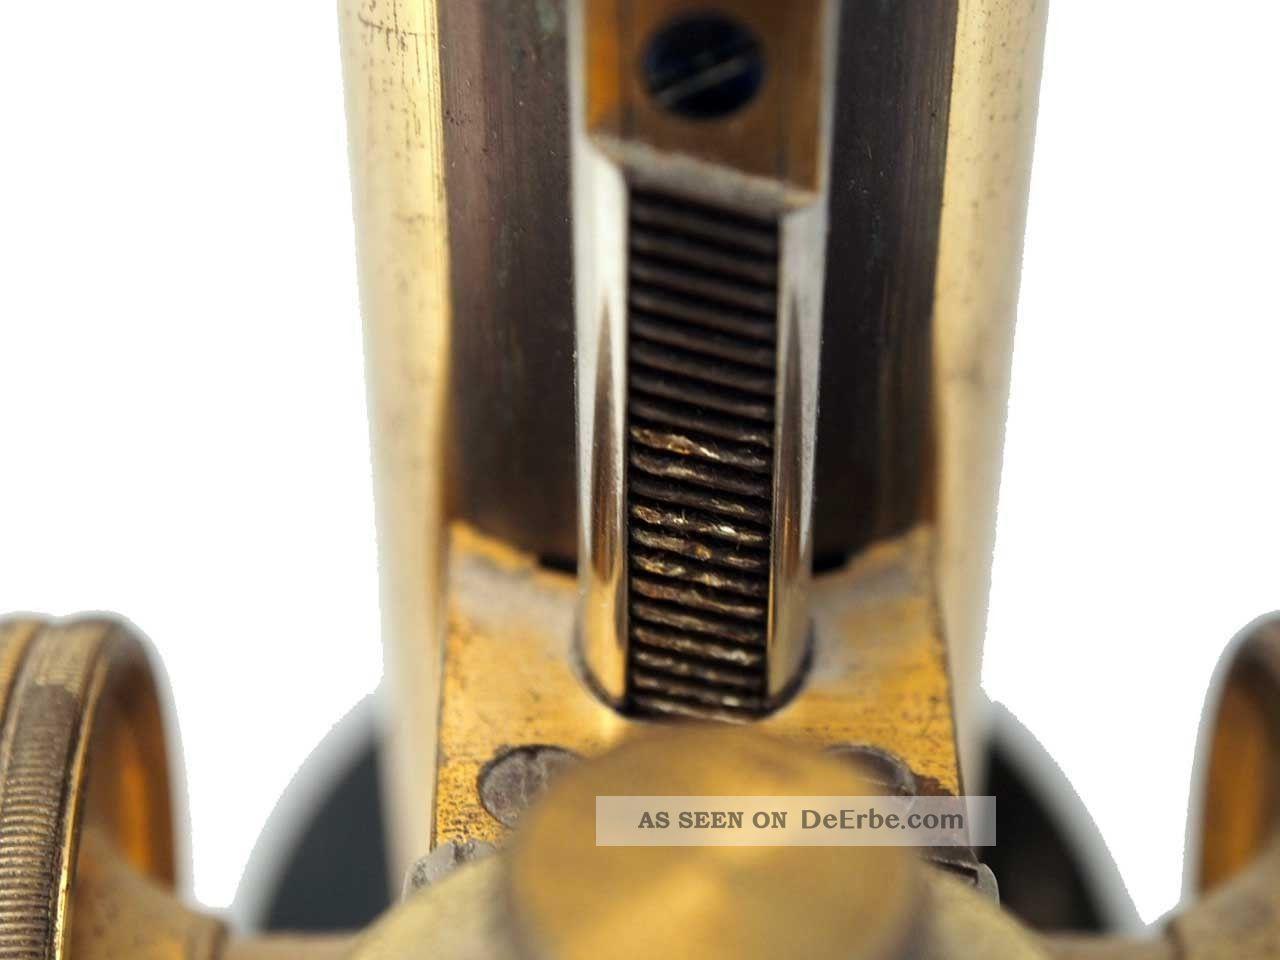 Wunderschönes mikroskop ernst leitz wetzlar um 1920; bastler